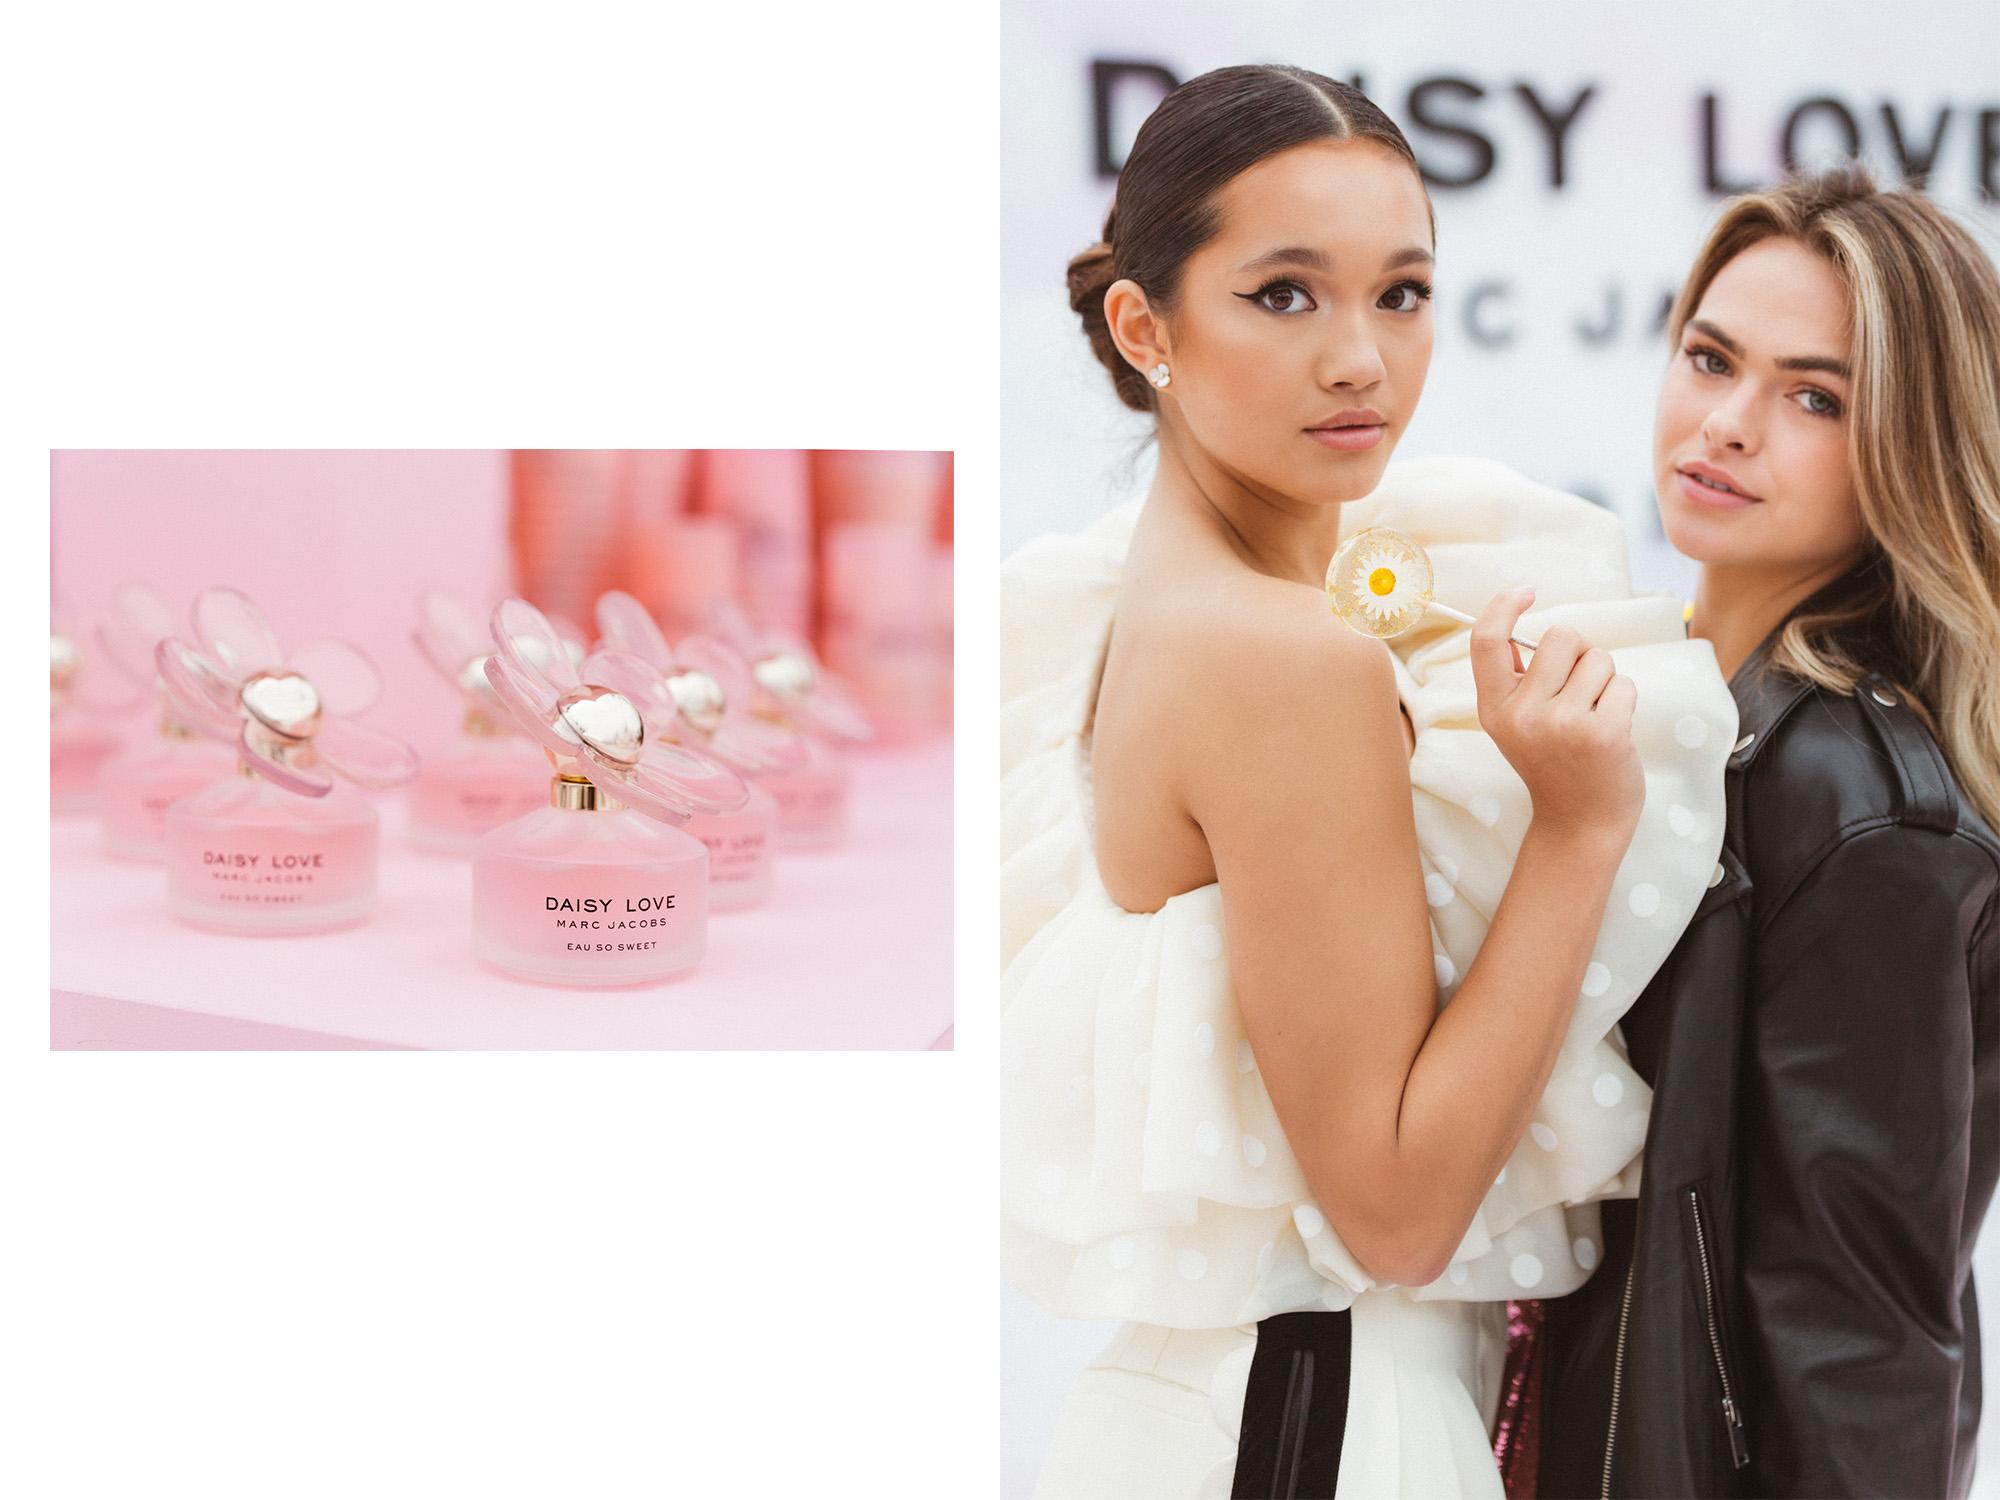 Daisy Love Eau So Sweet x Marc Jacobs Fragrances